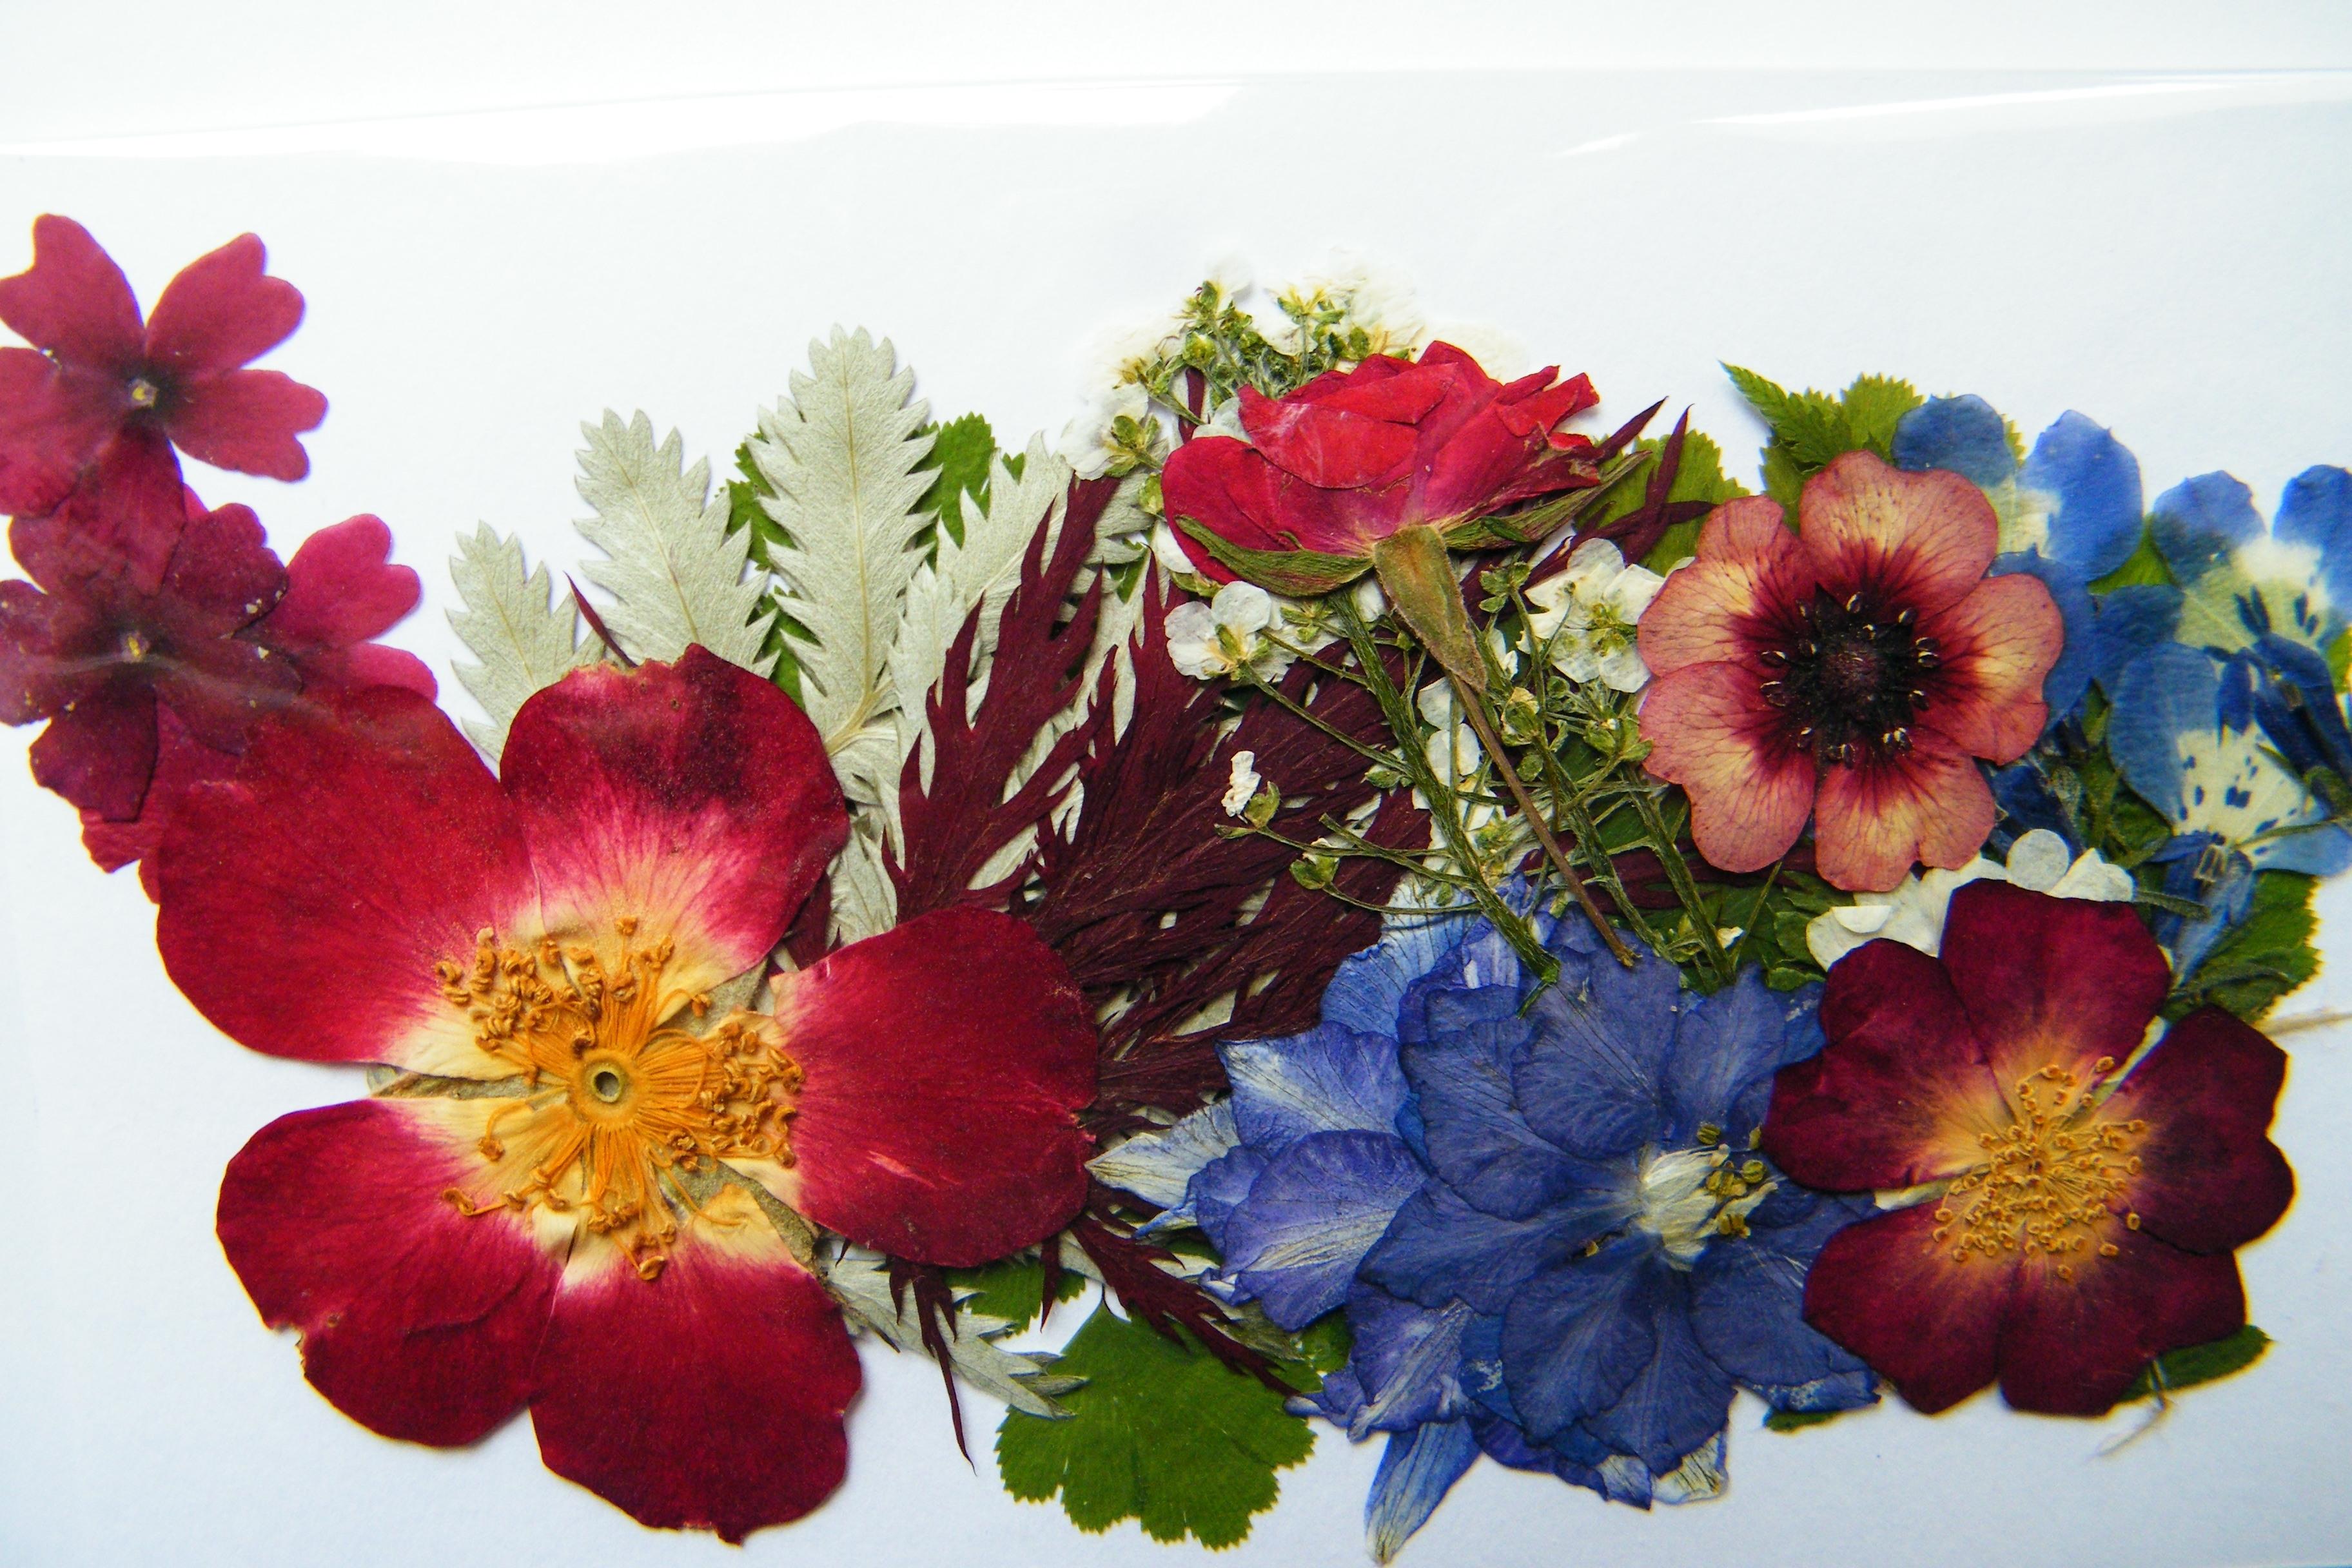 Come Seccare Le Piante fiori secchi pressati - fiori secchi - come usare i fiori